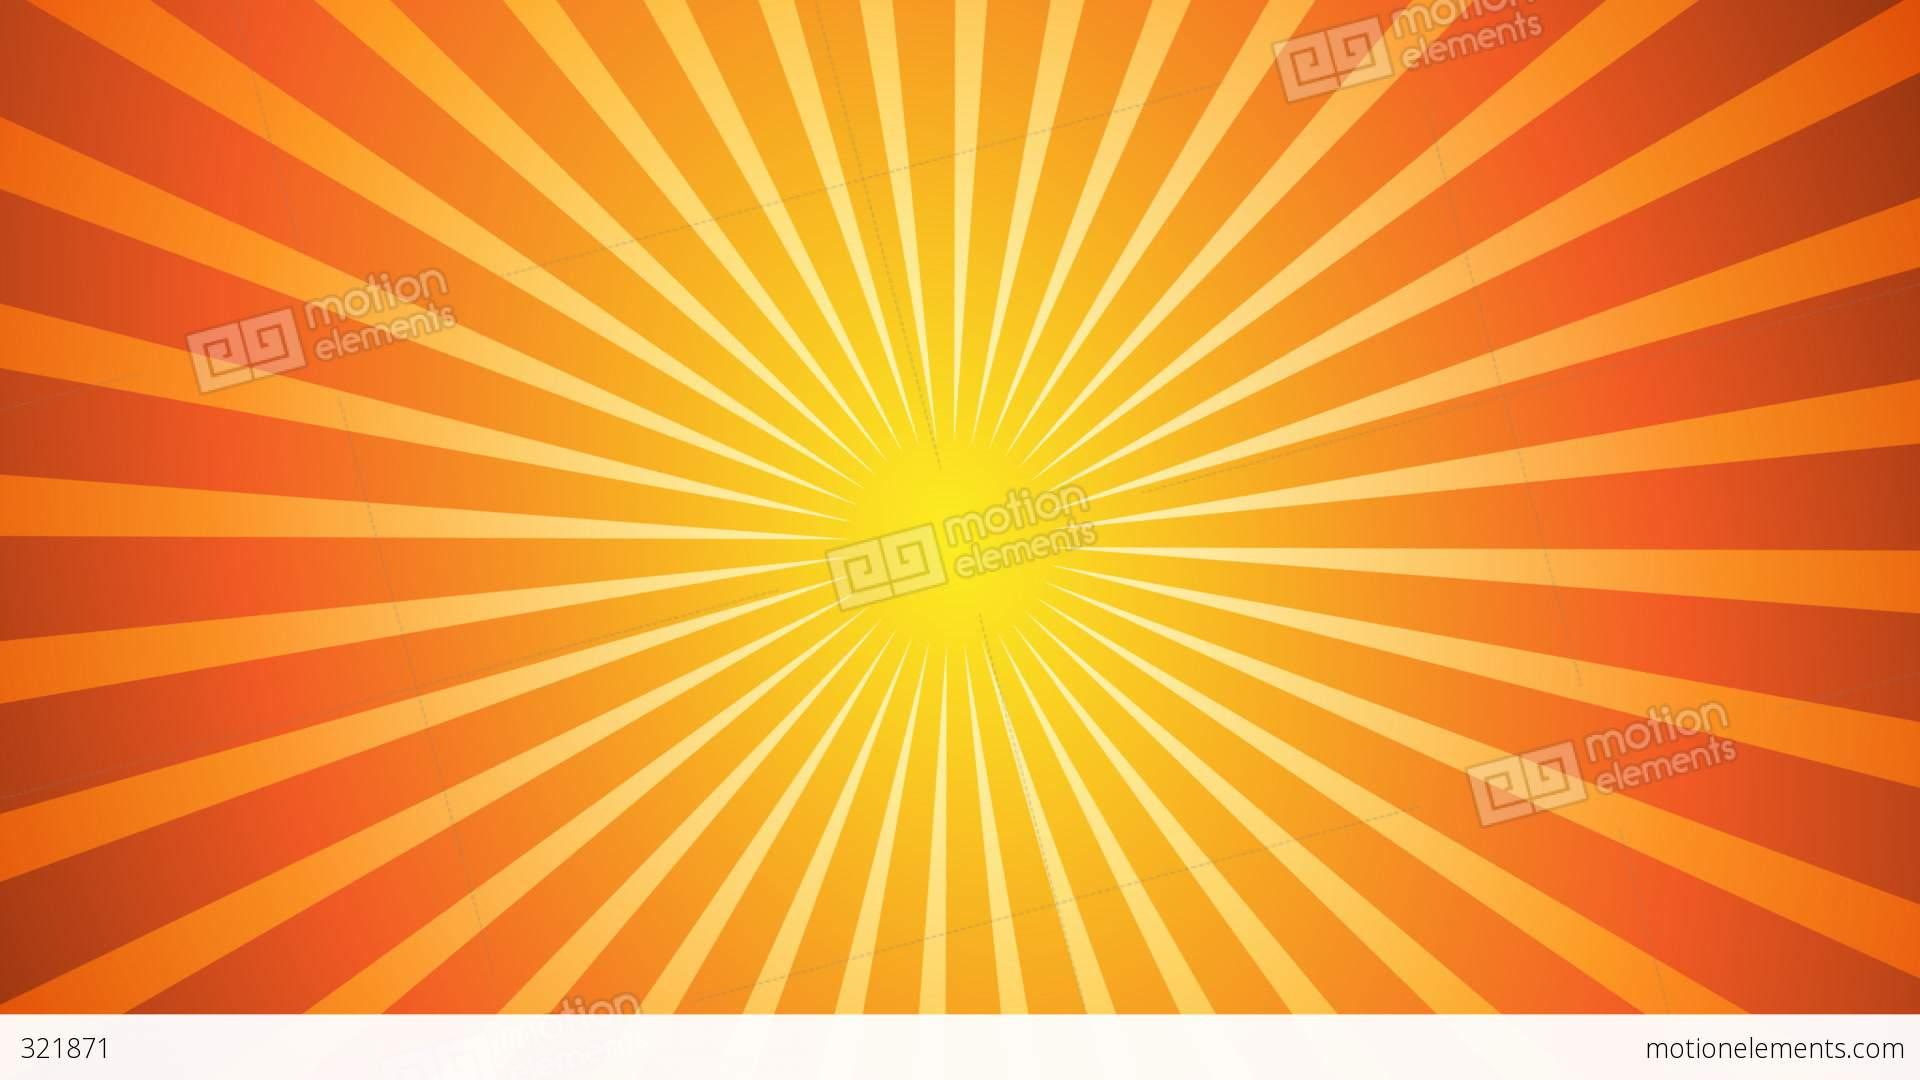 3d Money Wallpaper Hot Sunburst Background Stock Animation 321871